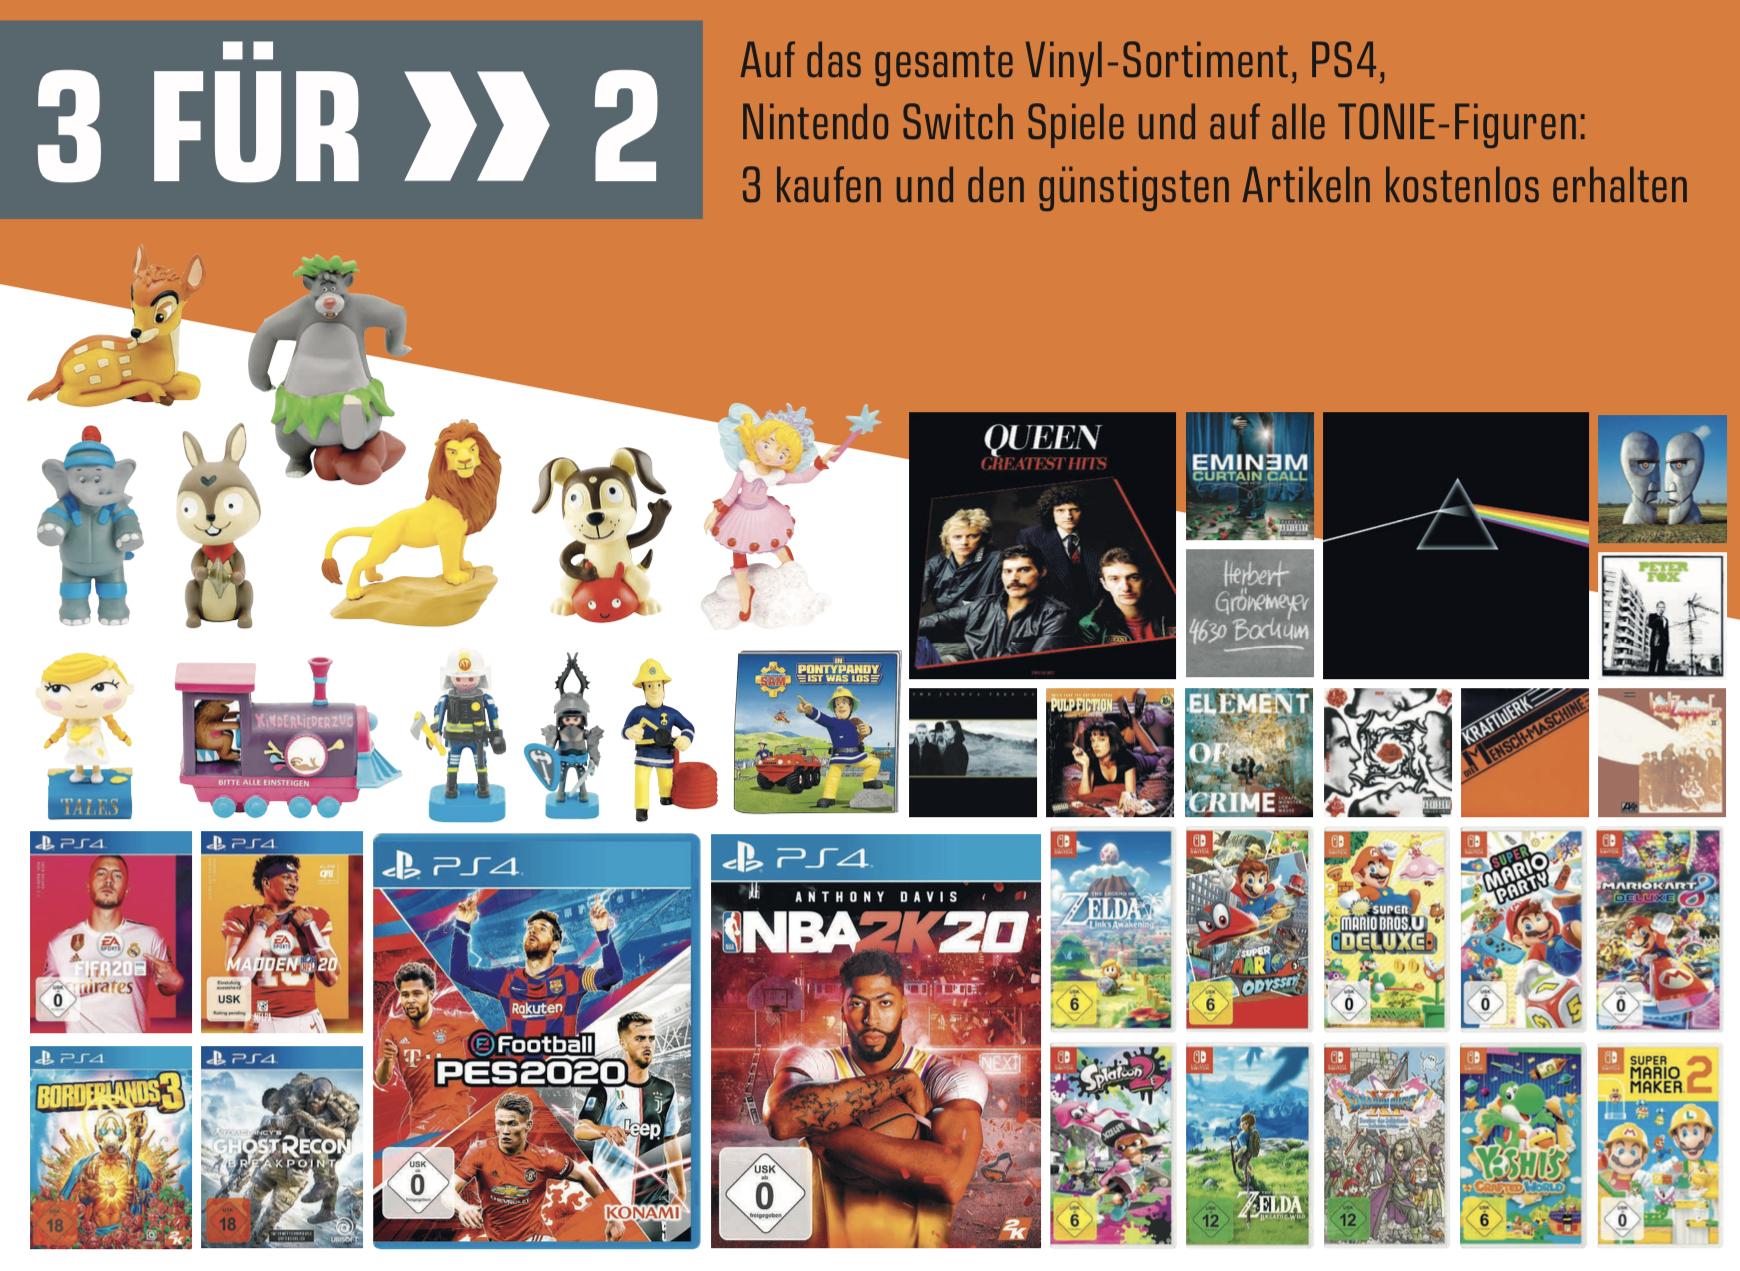 Lokal Saturn Bochum: 3 für 2 auf das gesamte PS4, Nintendo Switch Spiele, Vinyl und Tonie-Figuren Sortiment und weitere gute Angebote!